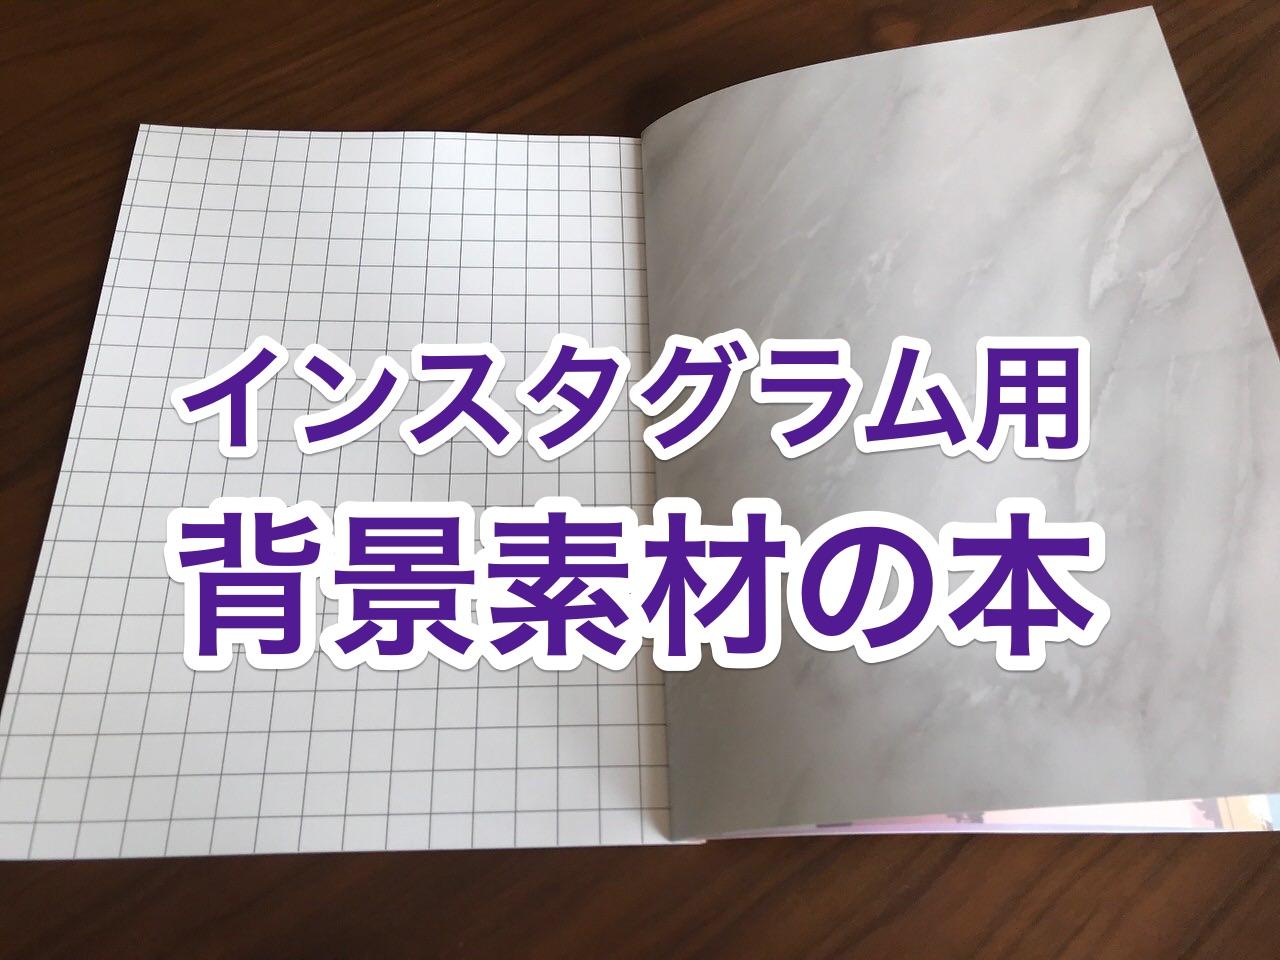 インスタグラム用の背景素材の本「Flatlay Sheet(フラットレイシート)」500円以上の万能感ある